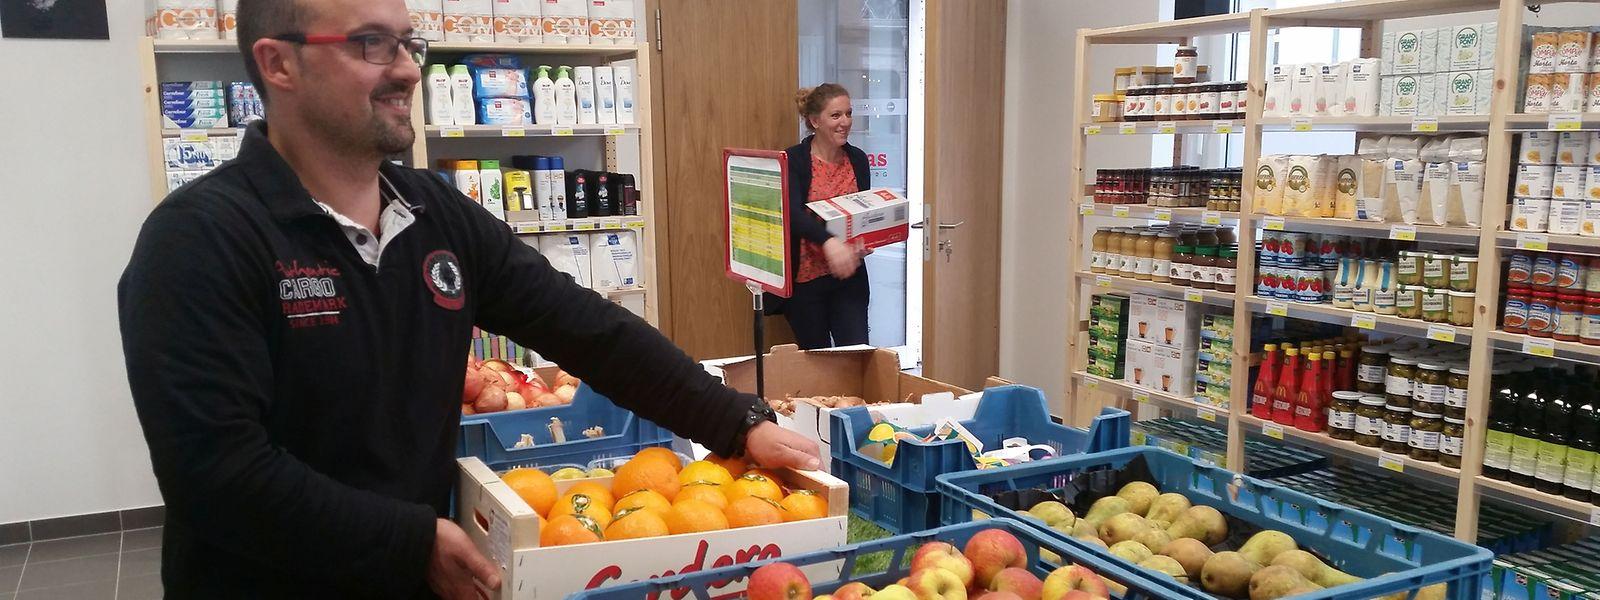 Produits laitiers, fruits frais, légumes, huile, pâtes... sont vendus un tiers du prix du marché dans la «Caritas Buttek» à ceux qui disposent d'une carte d'accès que délivre l'Office social de la Ville de Luxembourg aux plus démunis. «En économisant sur leur budget alimentaire, ils peuvent payer leurs factures», explique Sylvie Debernade en charge des épiceries sociales chez Caritas.